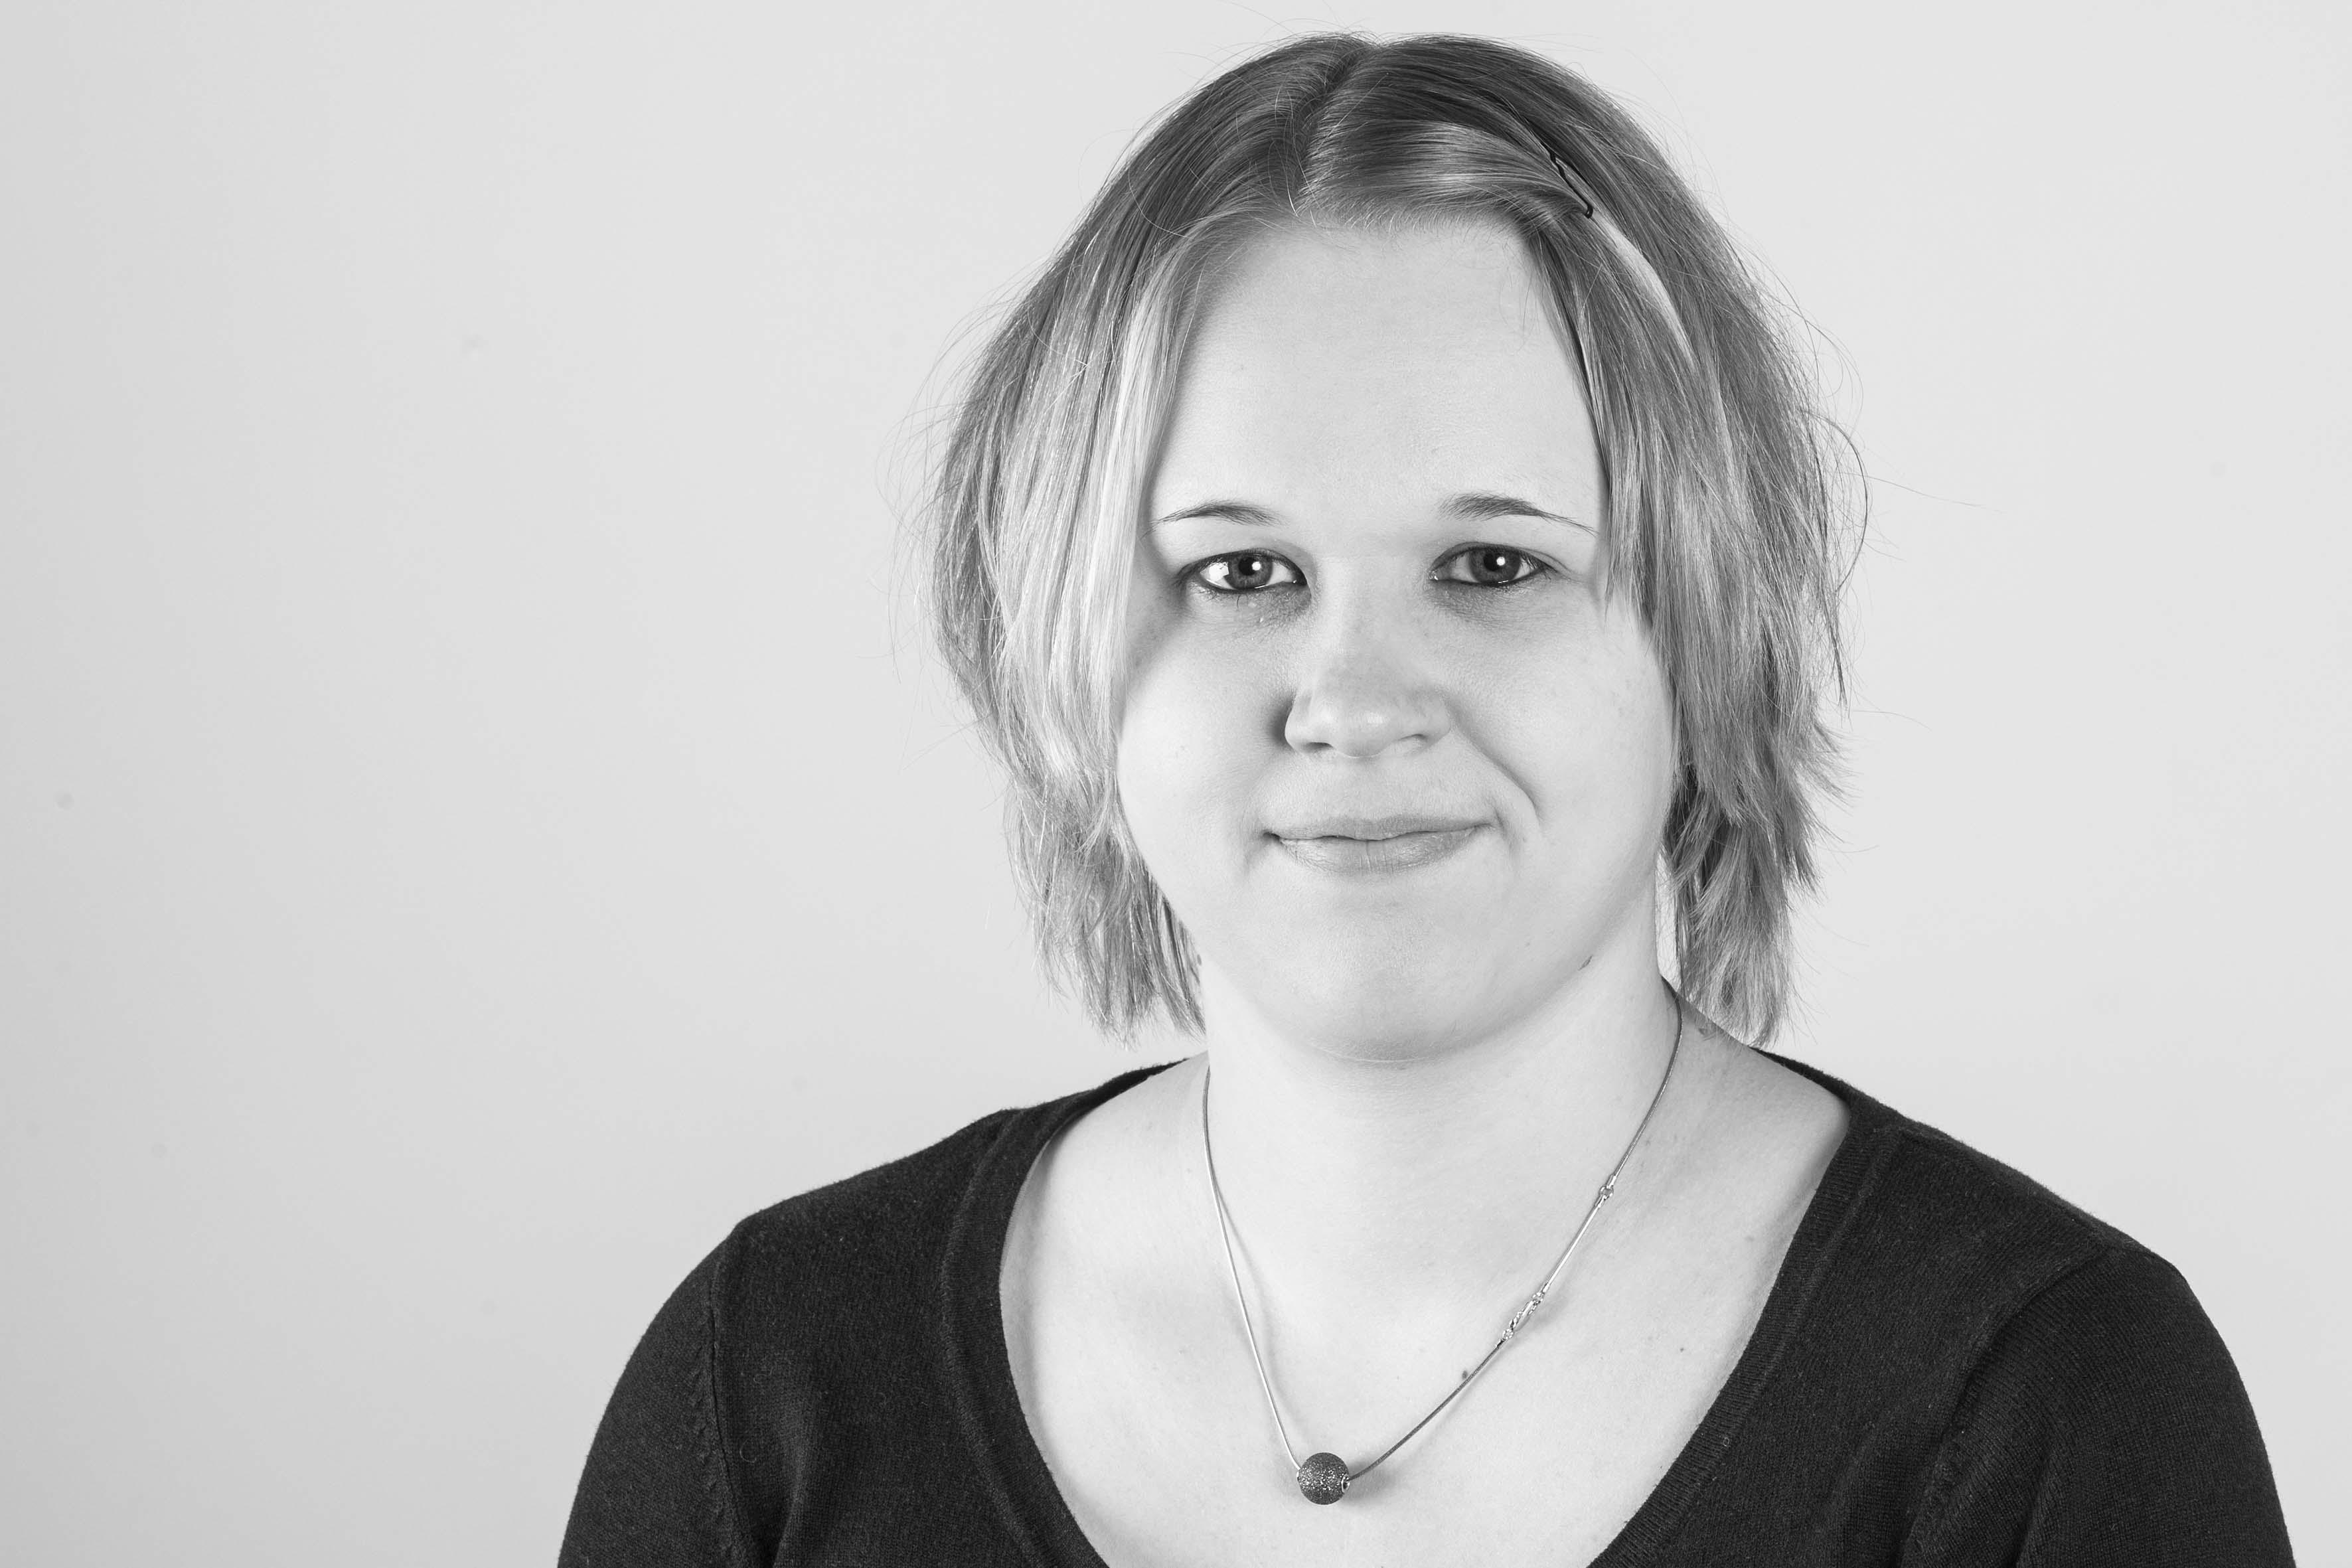 Ann-Katrin Wolf